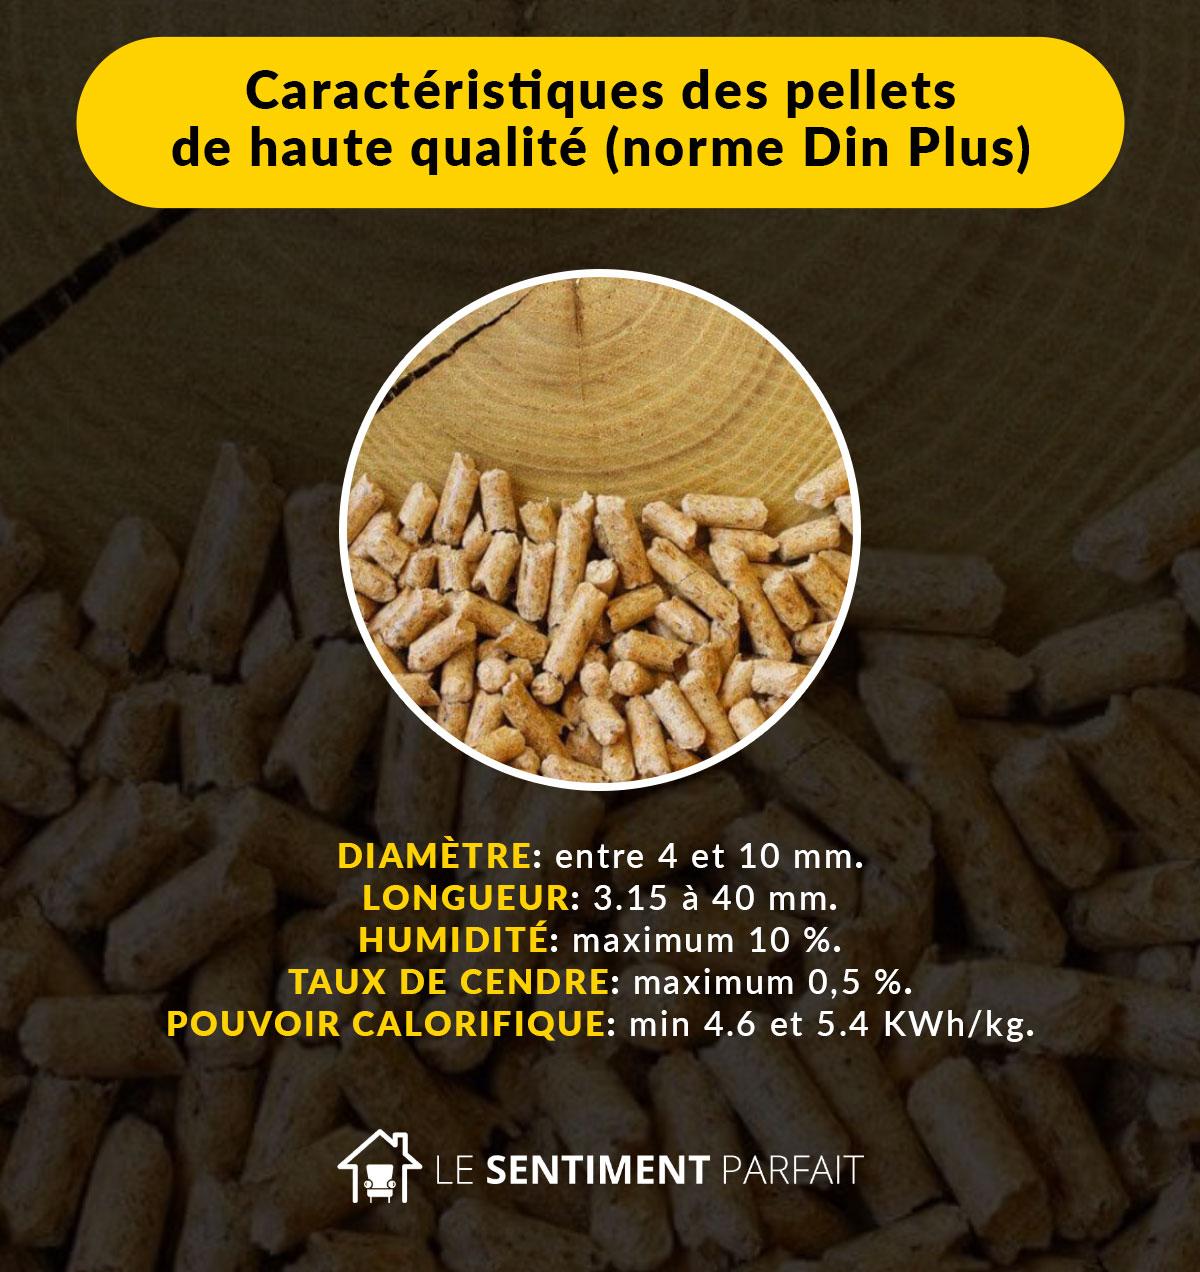 Caractéristiques des pellets de haute qualité